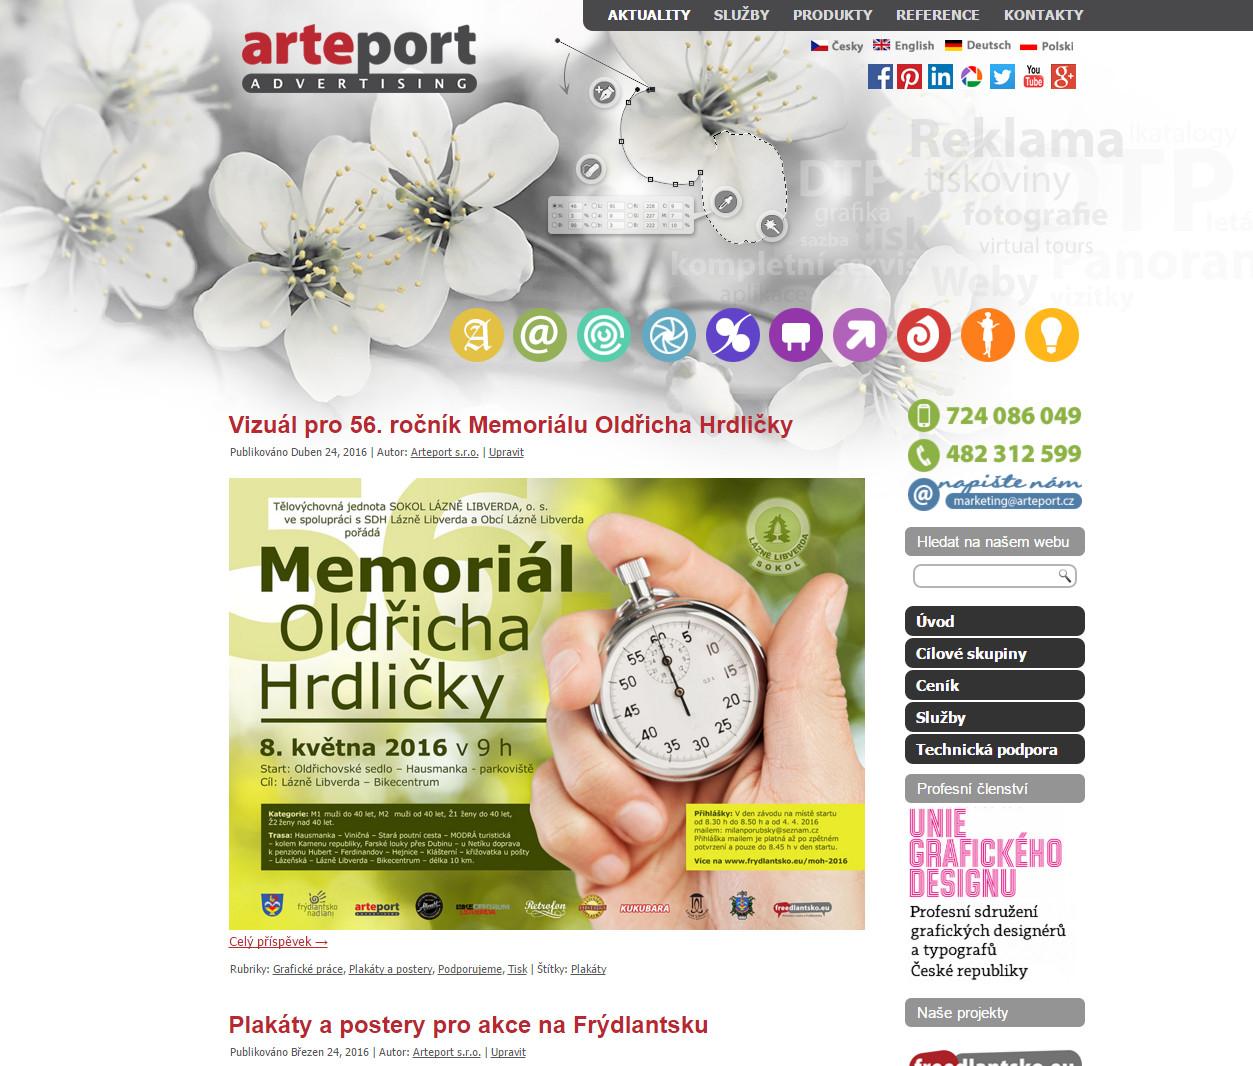 web-arteport-promo_head_petr_bima_reklama_frydlant_liberec_jablonec_web